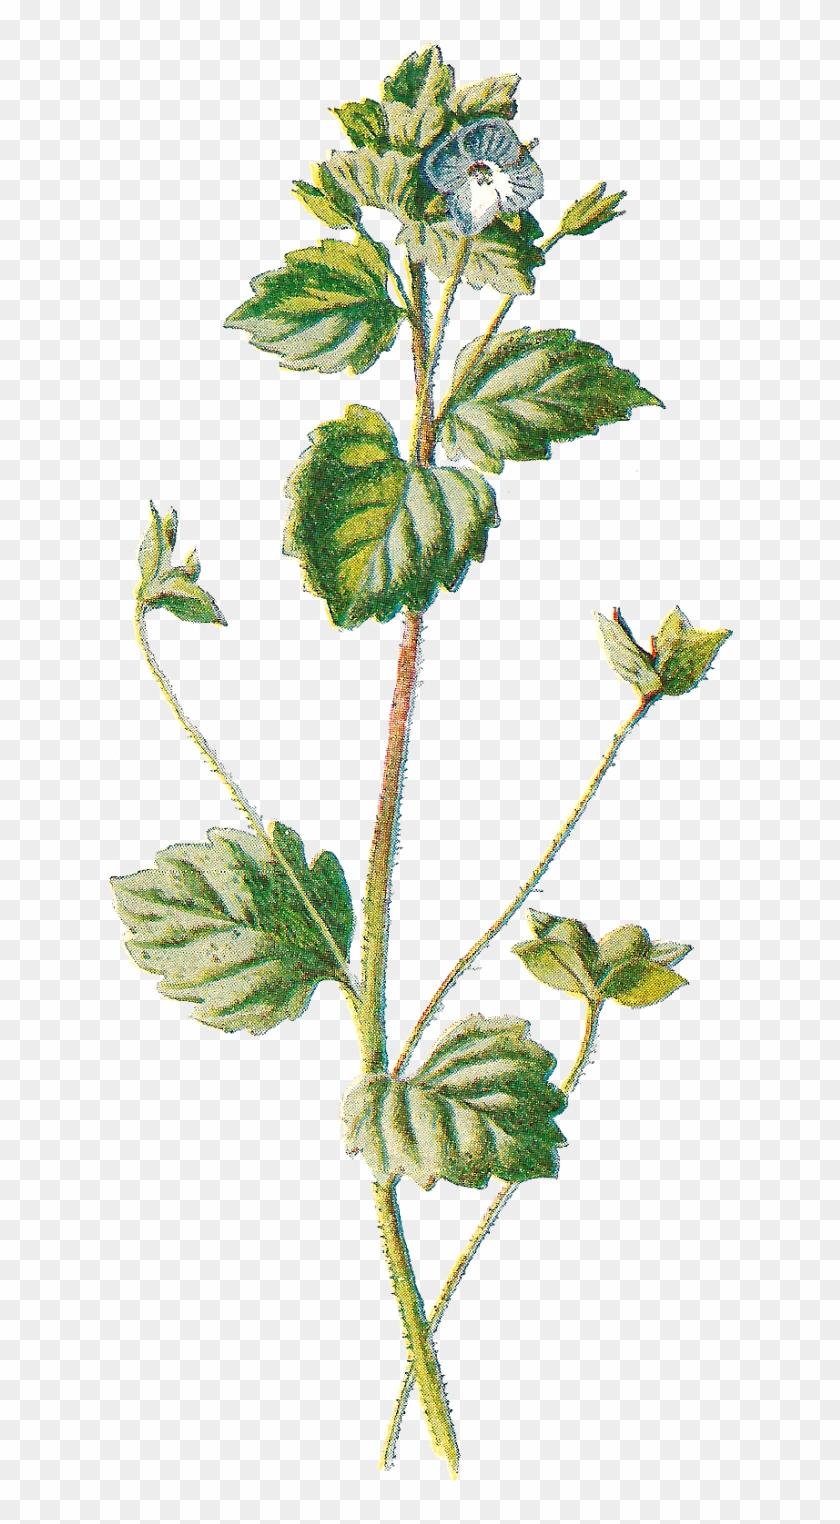 Wildflower Clipart Botanical Illustration - Botanical Vintage Illustrations Png #289886